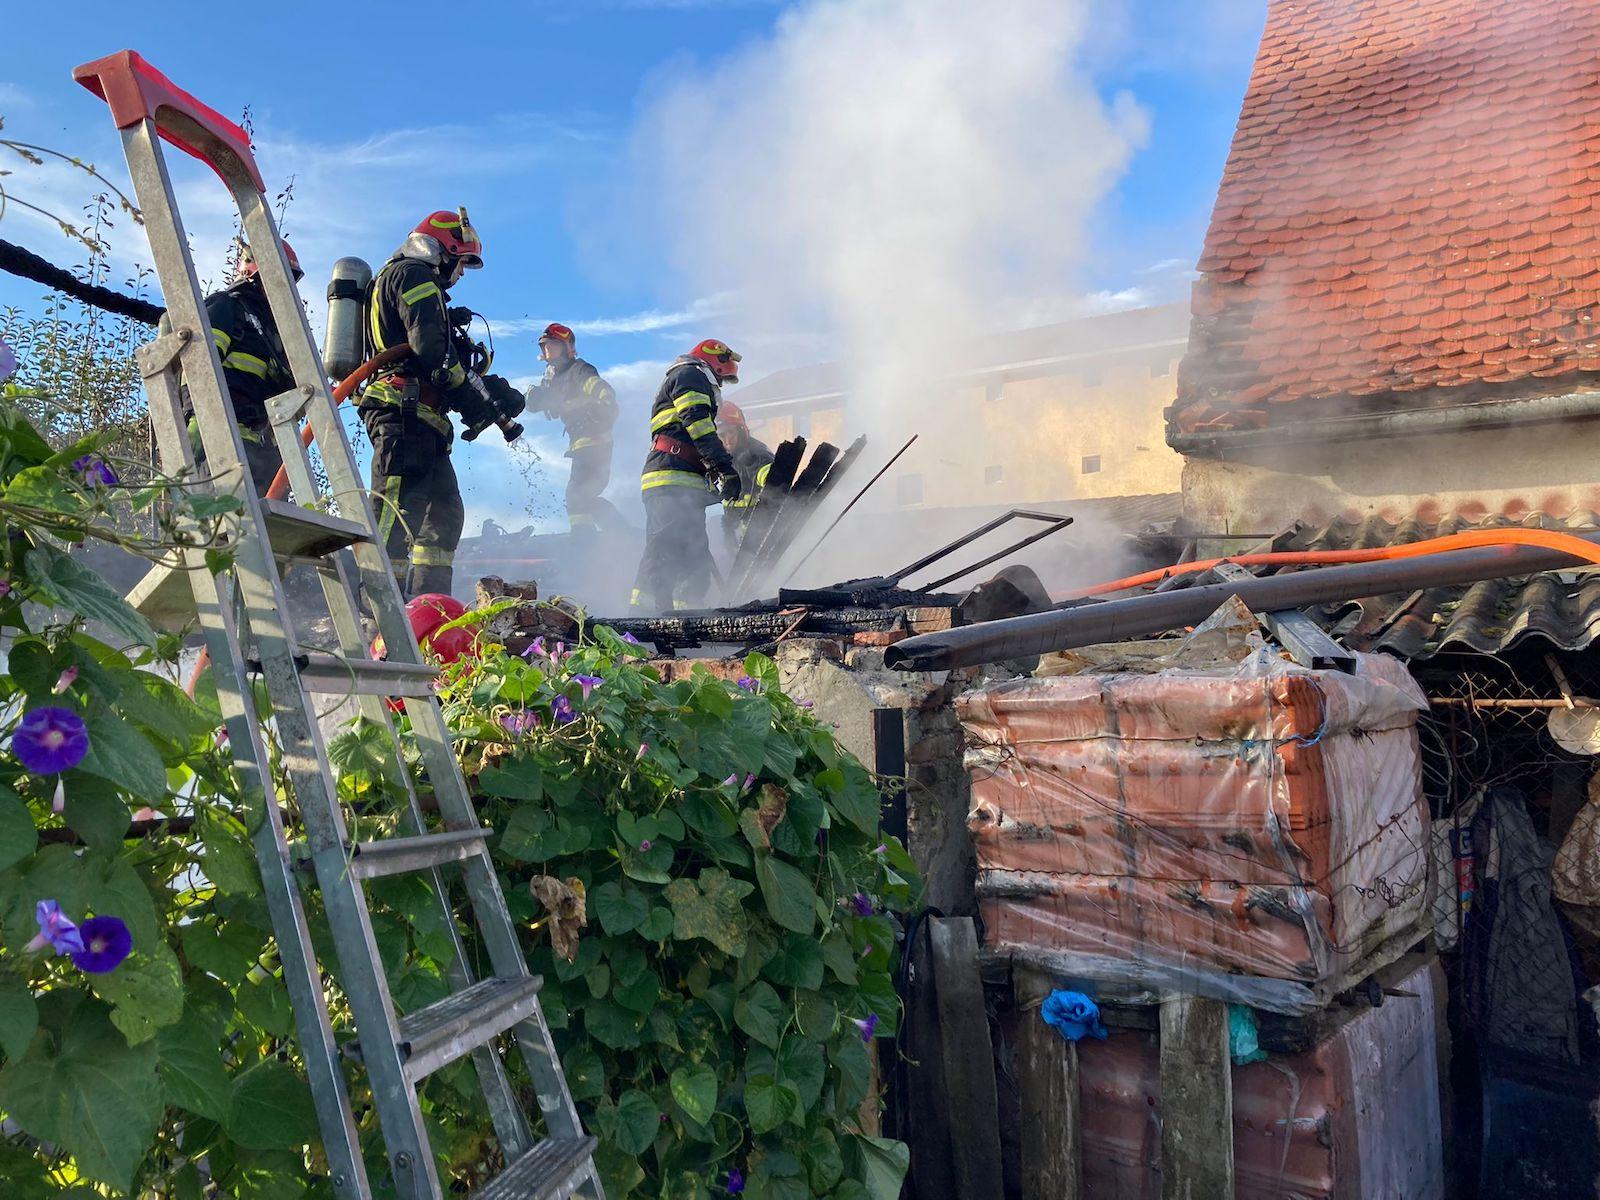 Două case au fost în pericol de incendiu, după ce o magazie din apropiere a fost cuprinsă de flăcări